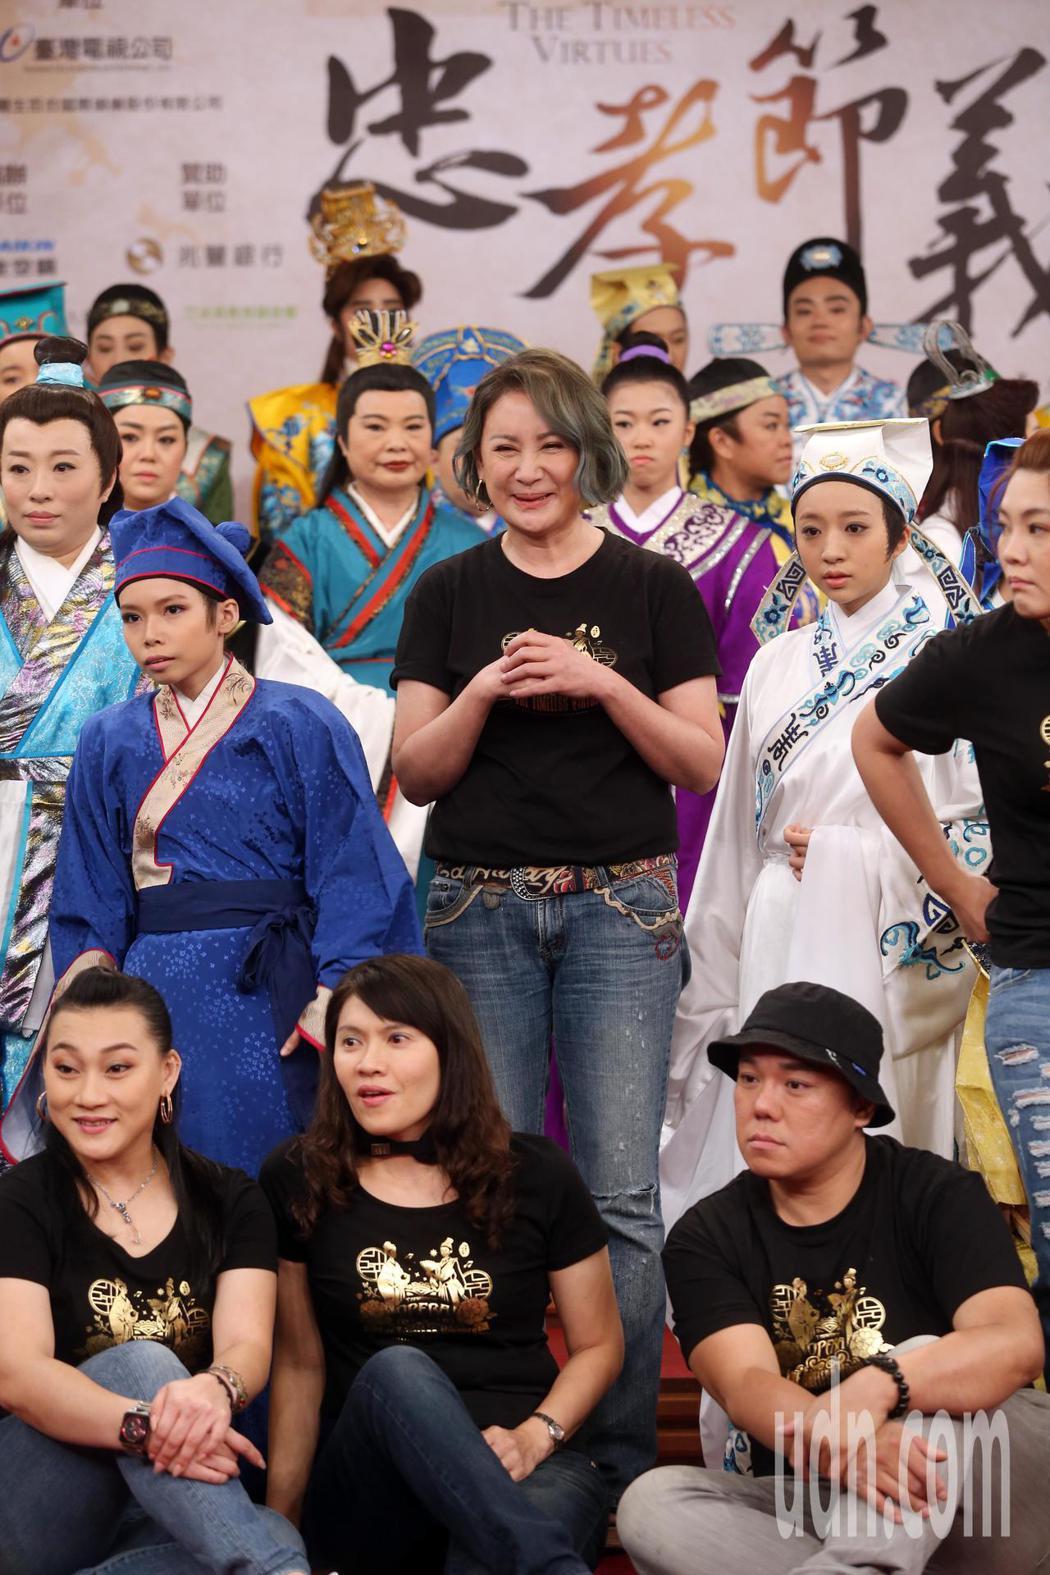 陳亞蘭等人下午出席楊麗花歌仔戲「忠孝節義」人人都是楊麗花活動 。記者曾吉松/攝影